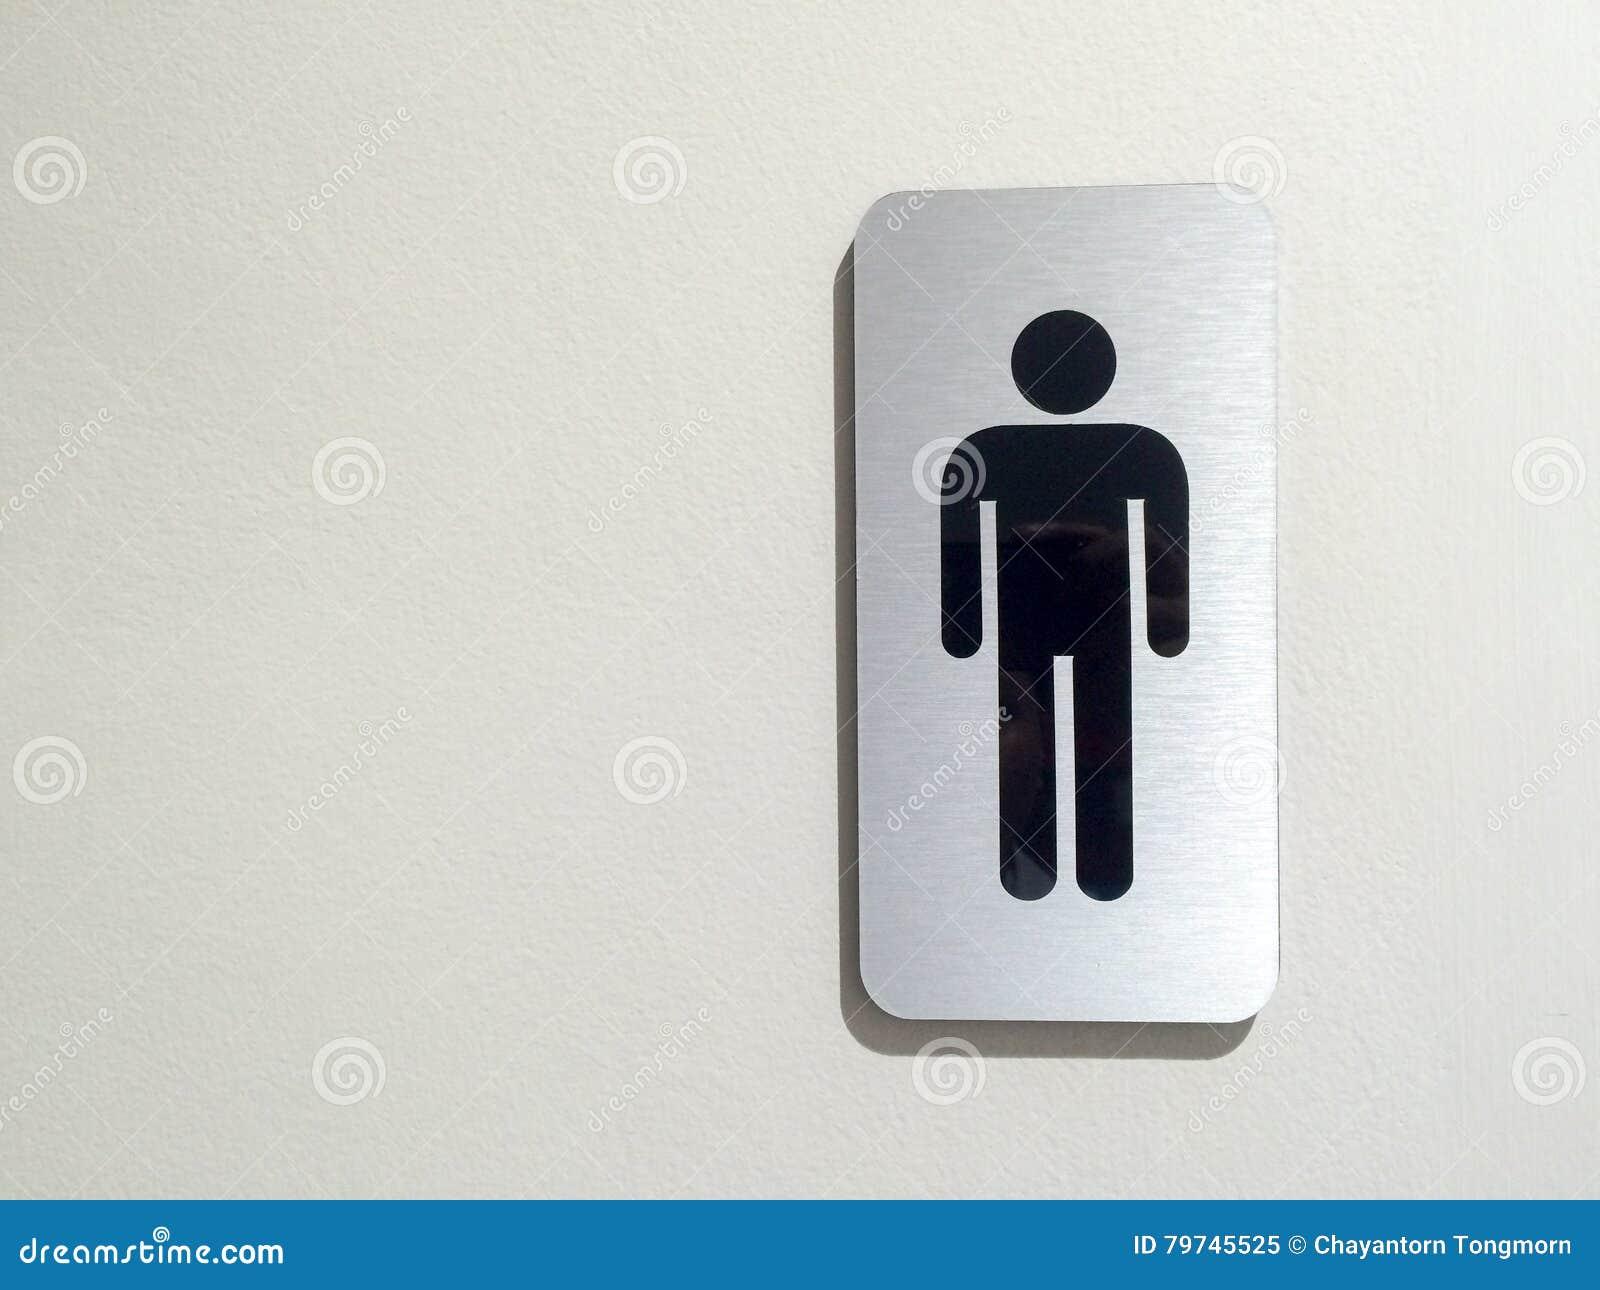 Toilet X28 Restroom X29 Simbolo Degli Uomini Al Deposito Dell